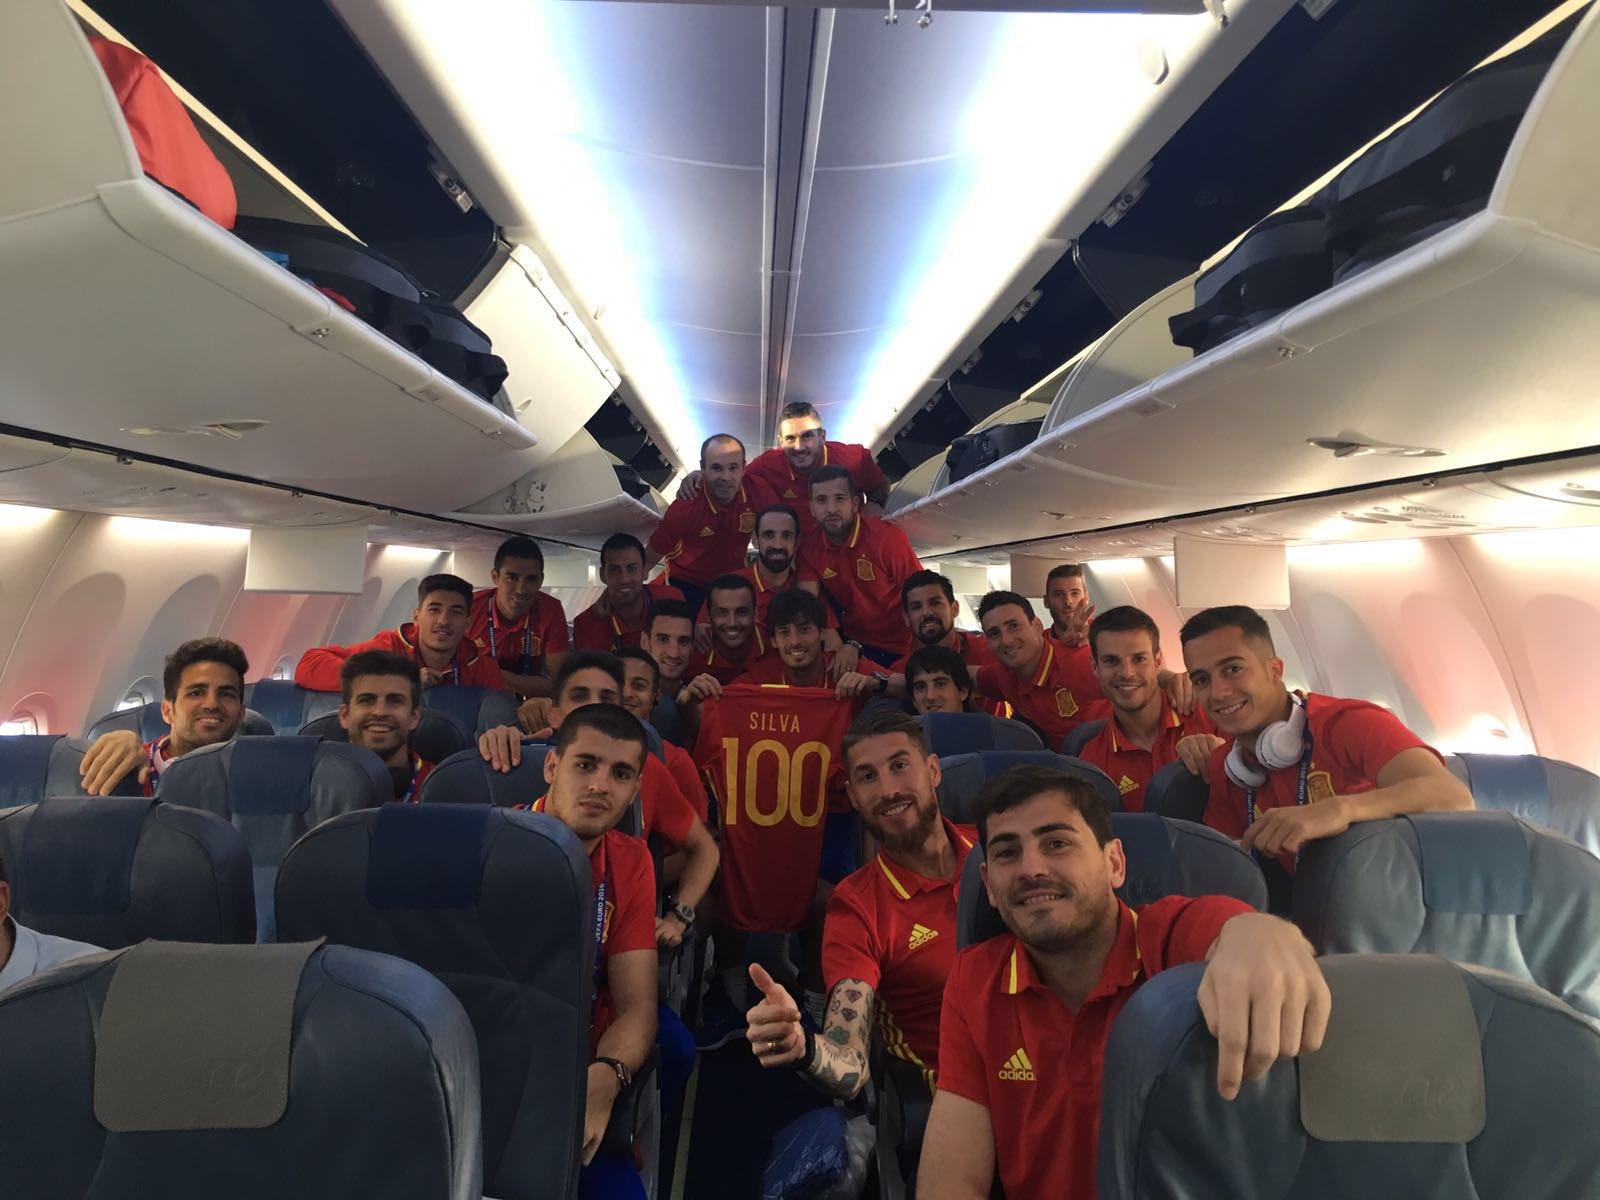 Debut en la Euro,Victoria y 100 partidos,no se puede pedir más!Gracias a todos por las felicitaciones!Viva España!���� https://t.co/kVP0IOo83z